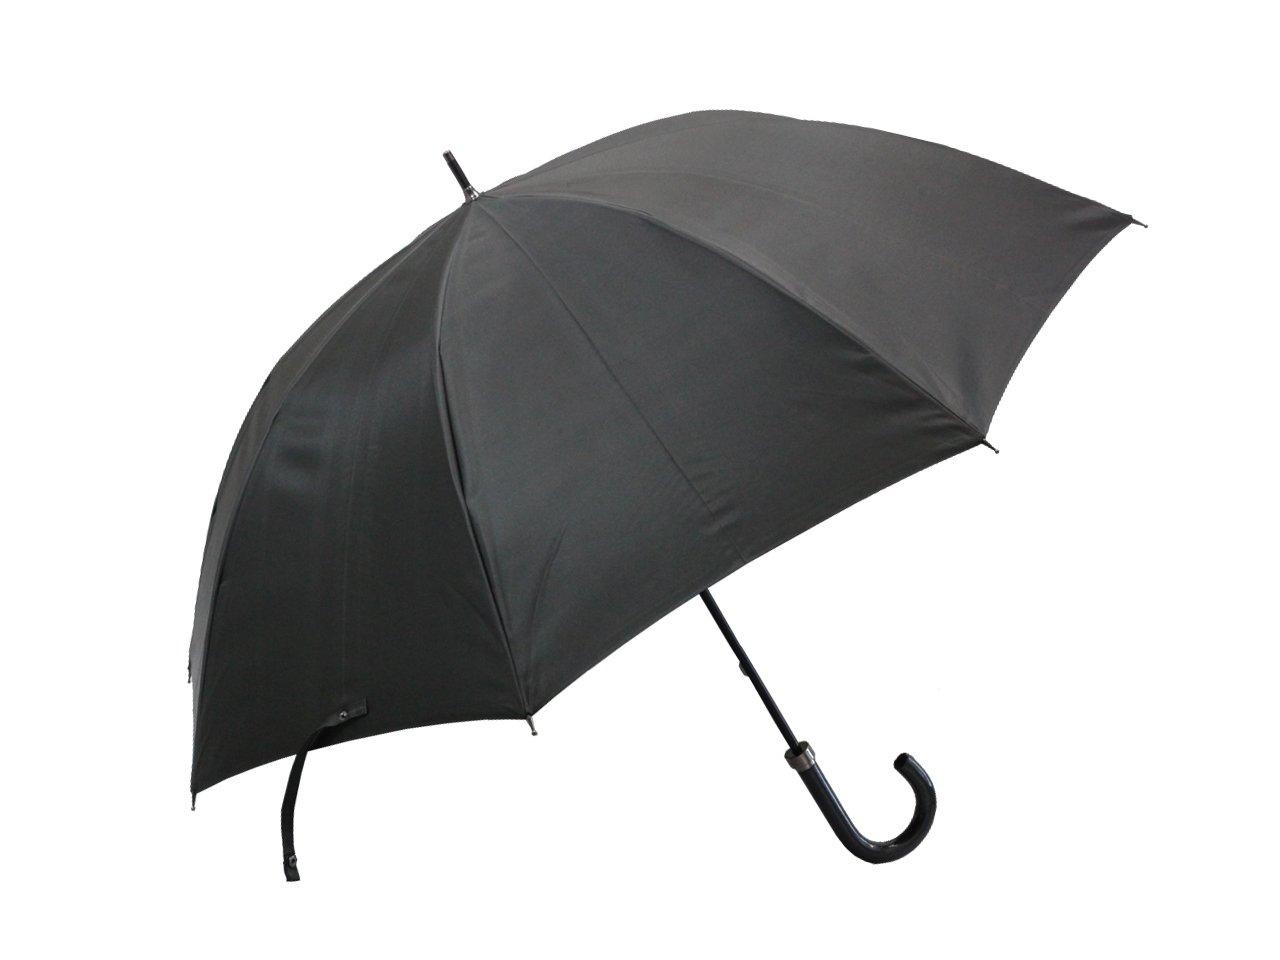 [バーバリー] BURBERRY 裏チェック柄紳士用雨傘 カーキ B00HPQJQS4